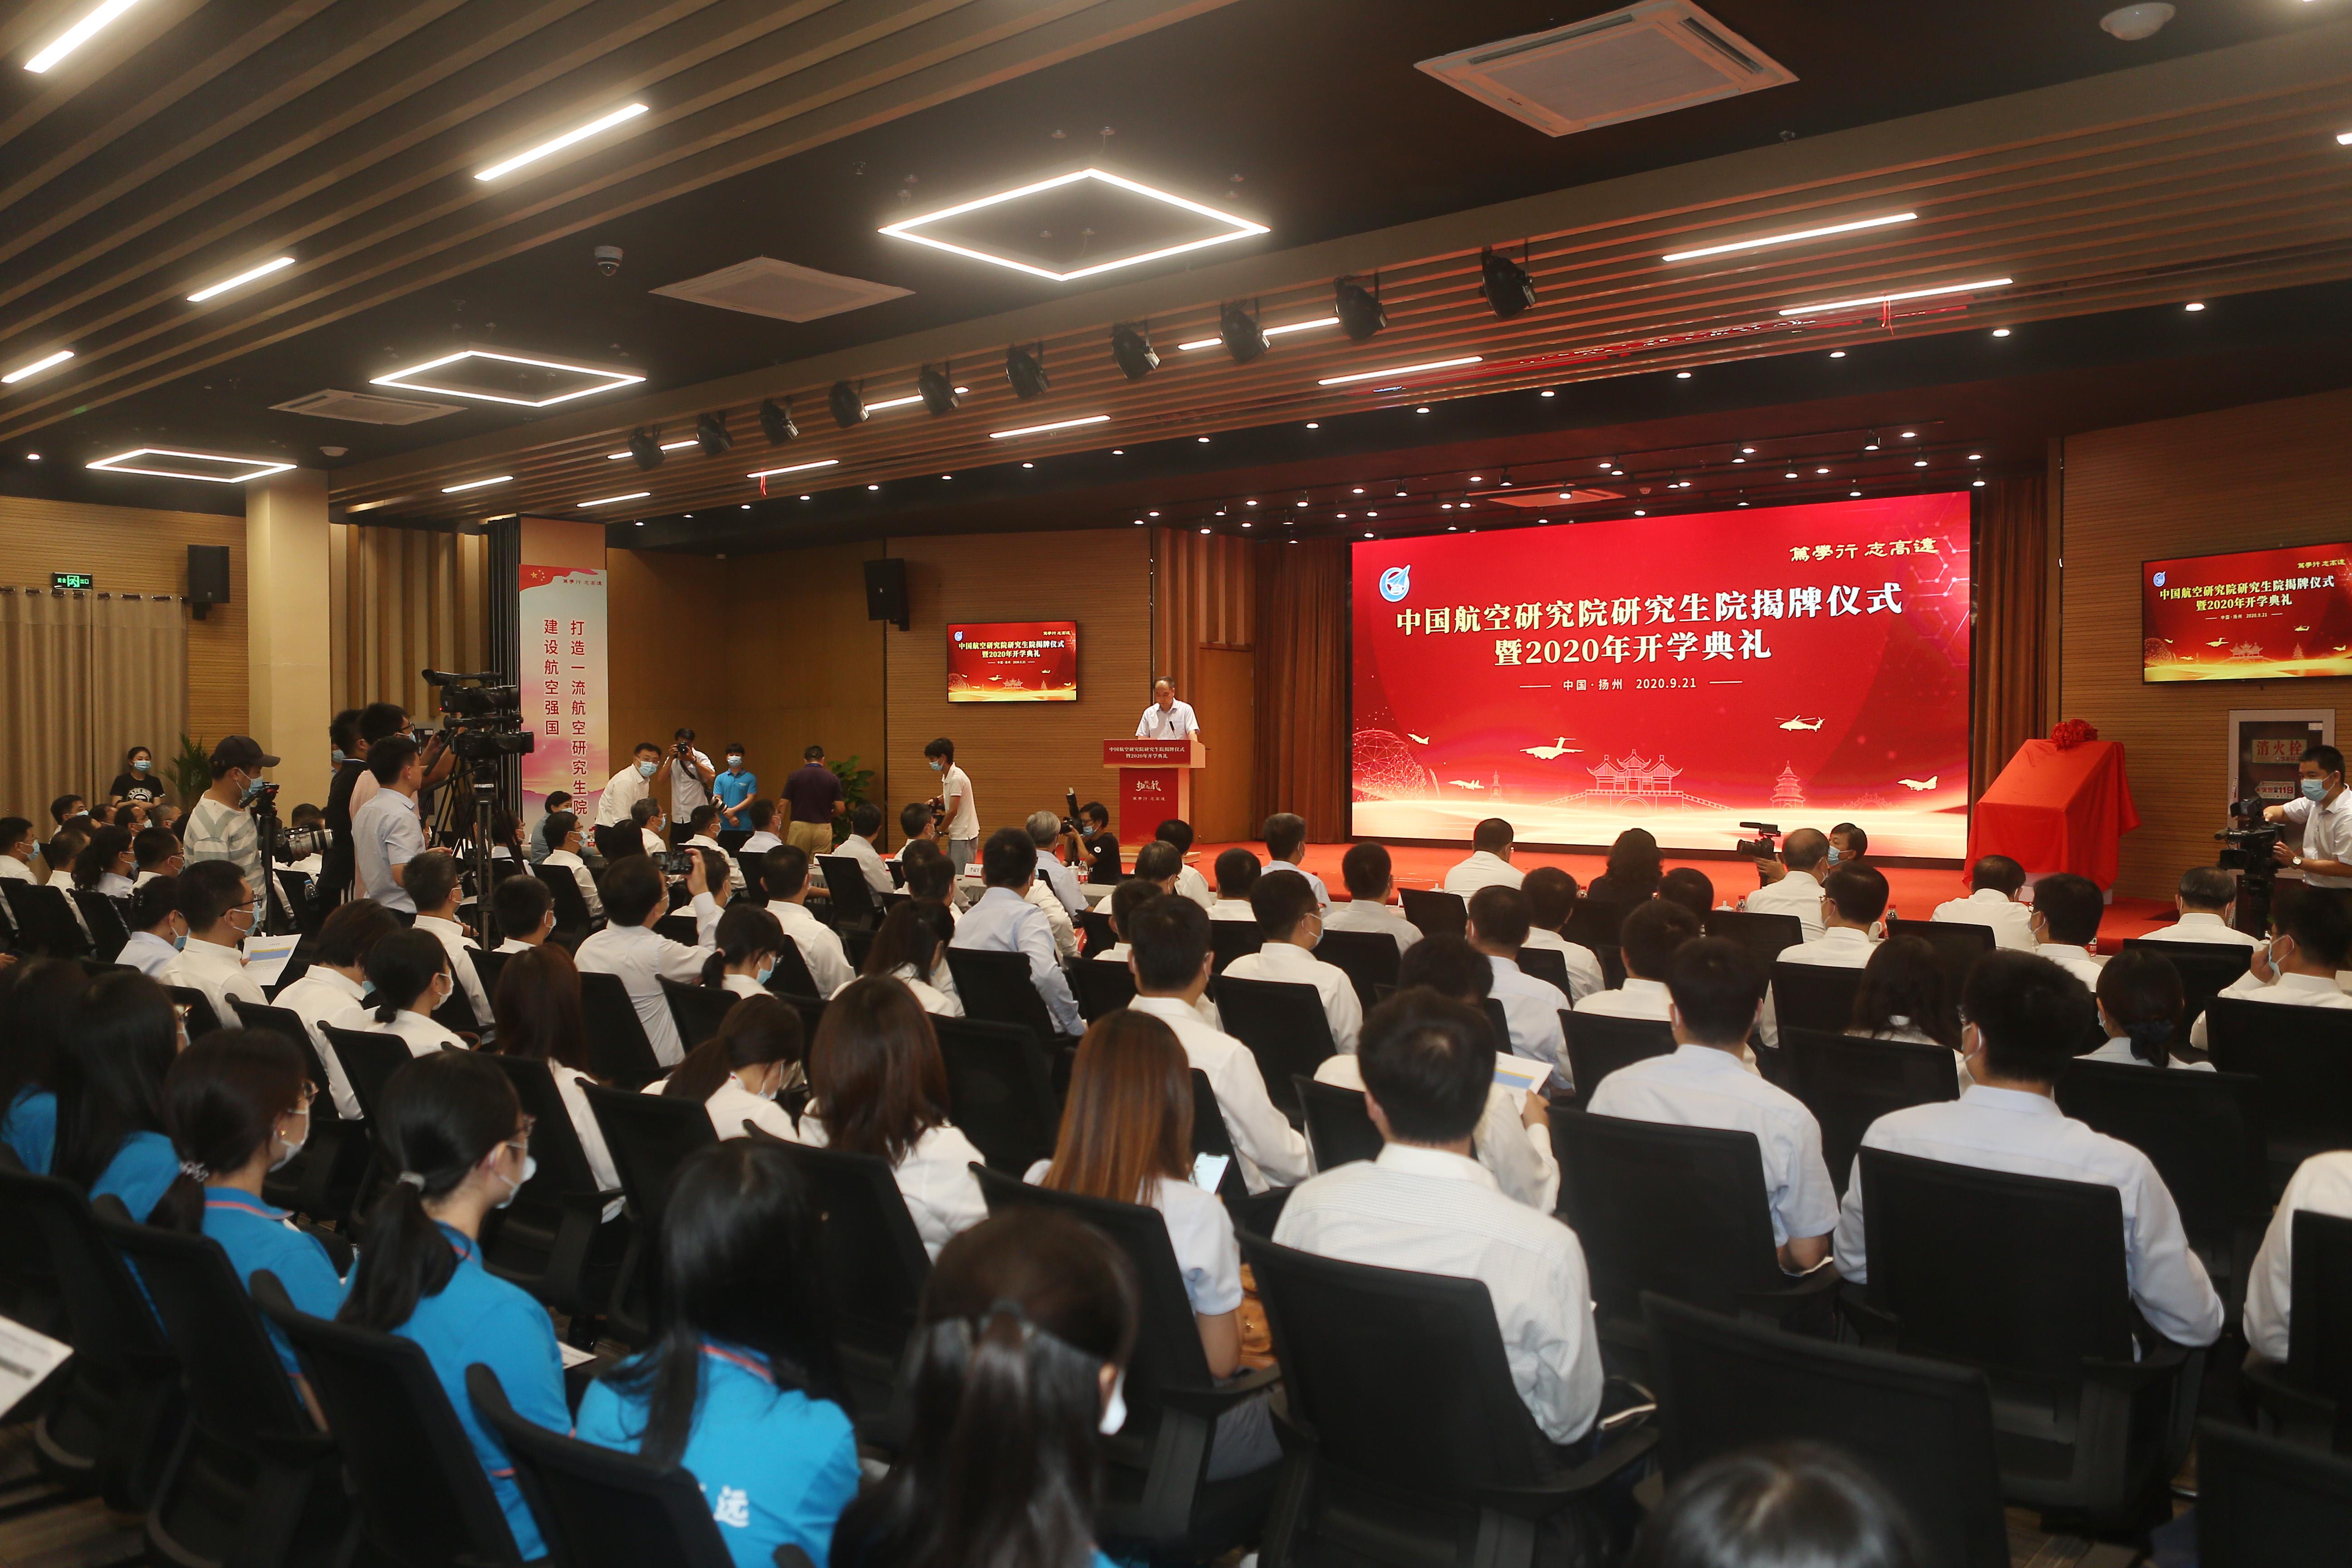 中国航空研究院研究生院揭牌 举行今秋开学典礼